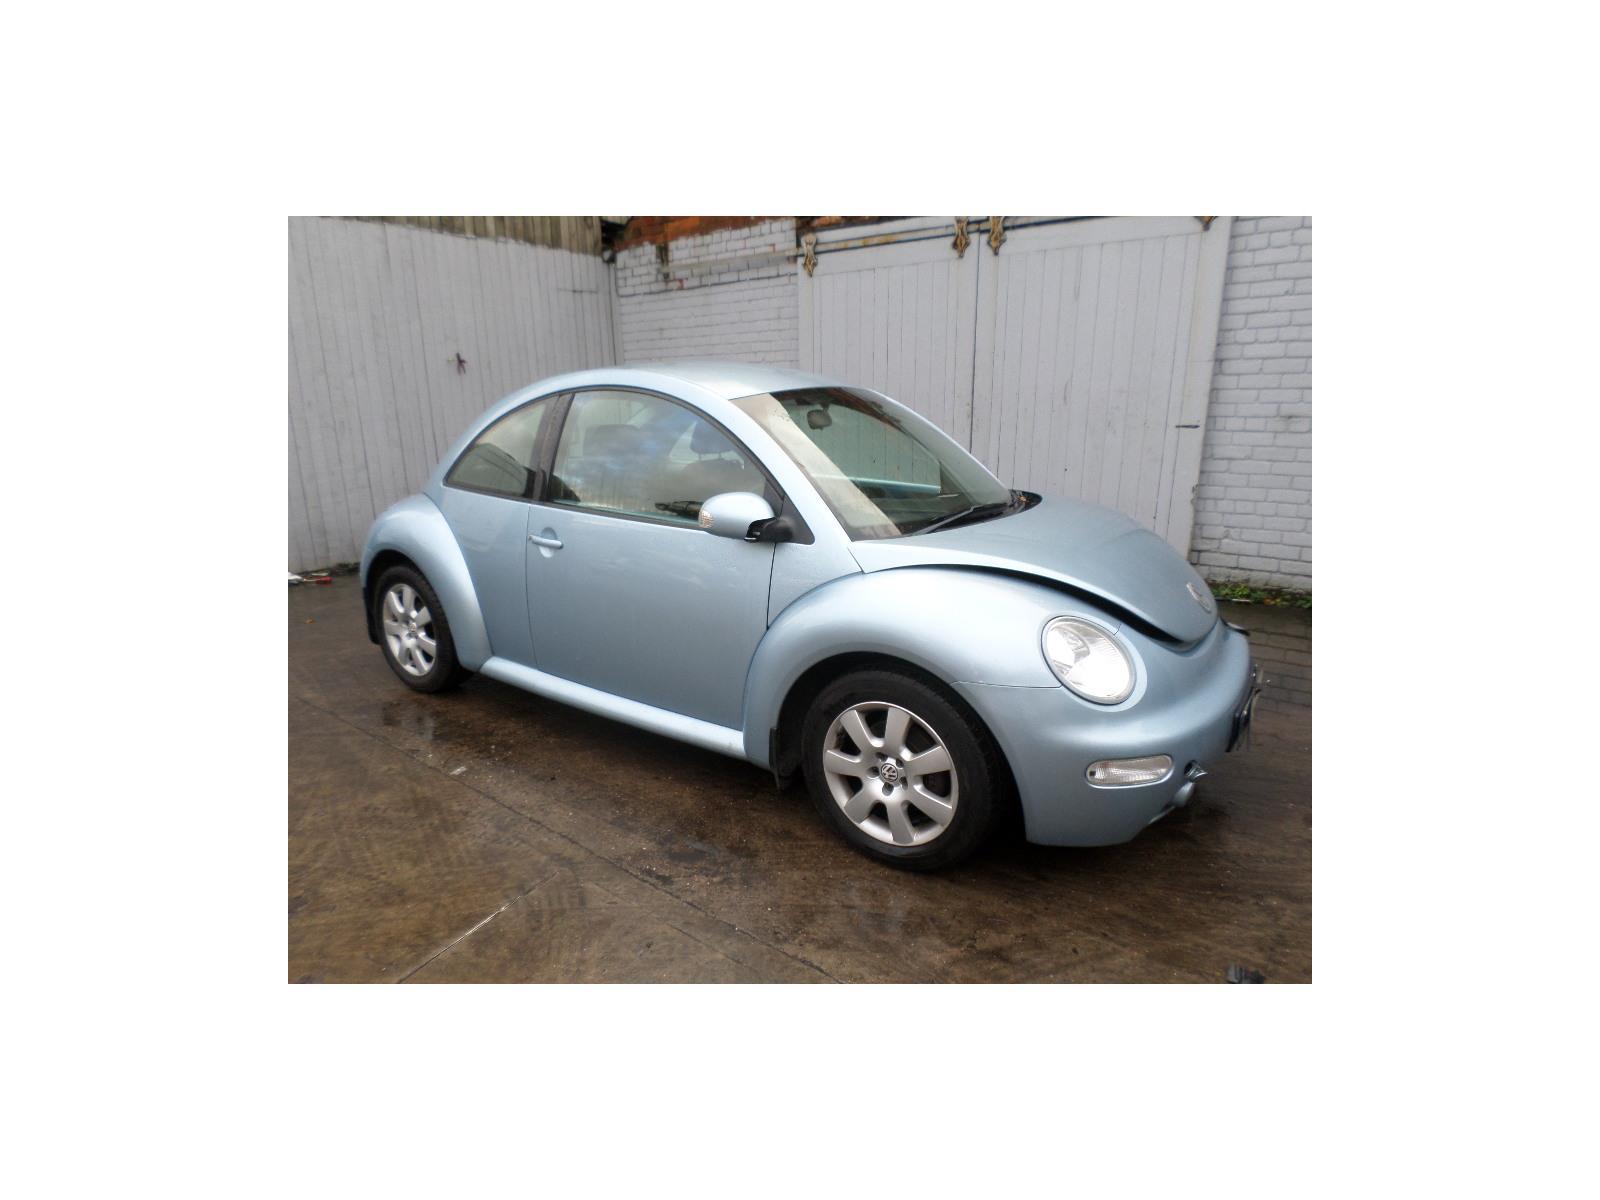 2004 volkswagen beetle 1999 to 2006 3 door hatchback petrol rh motorhog co uk 2004 vw beetle manual 2004 vw beetle manual transmission problems